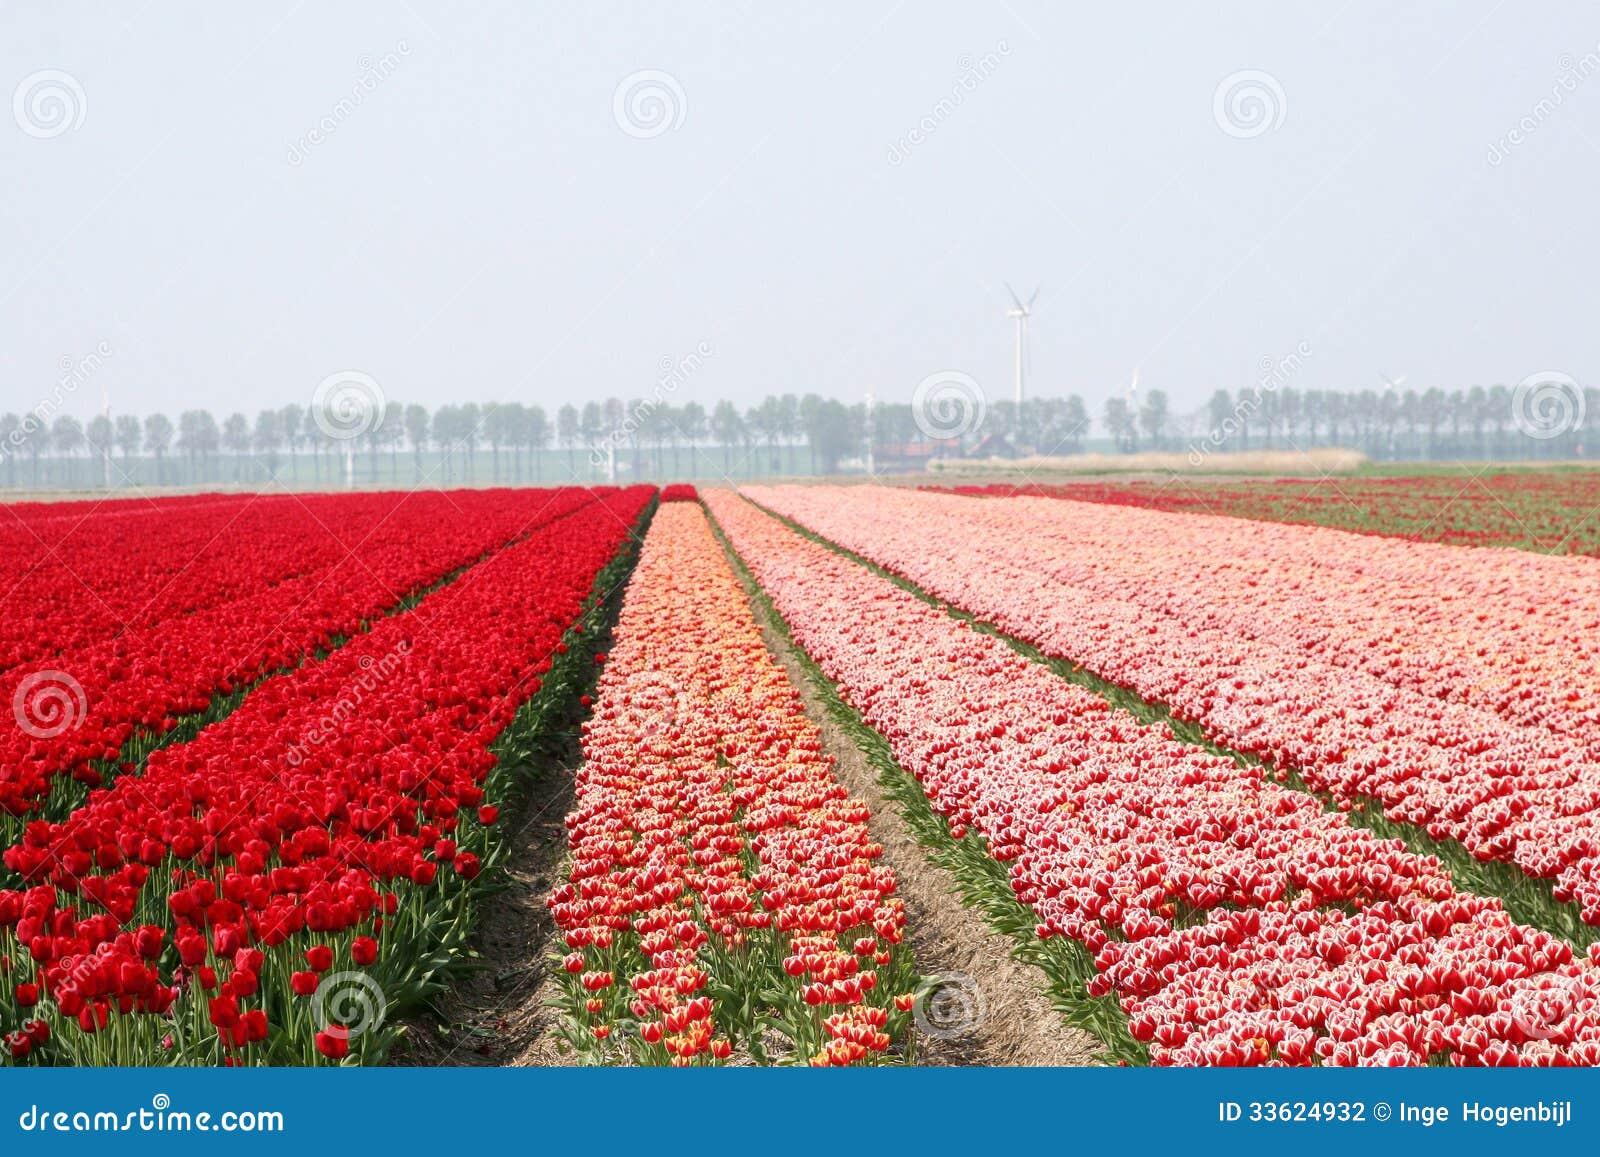 Red Landscape In The Noordoostpolder In Spring,Netherlands Stock ...: dreamstime.com/stock-photography-landscape-polder-blooming-tulips...